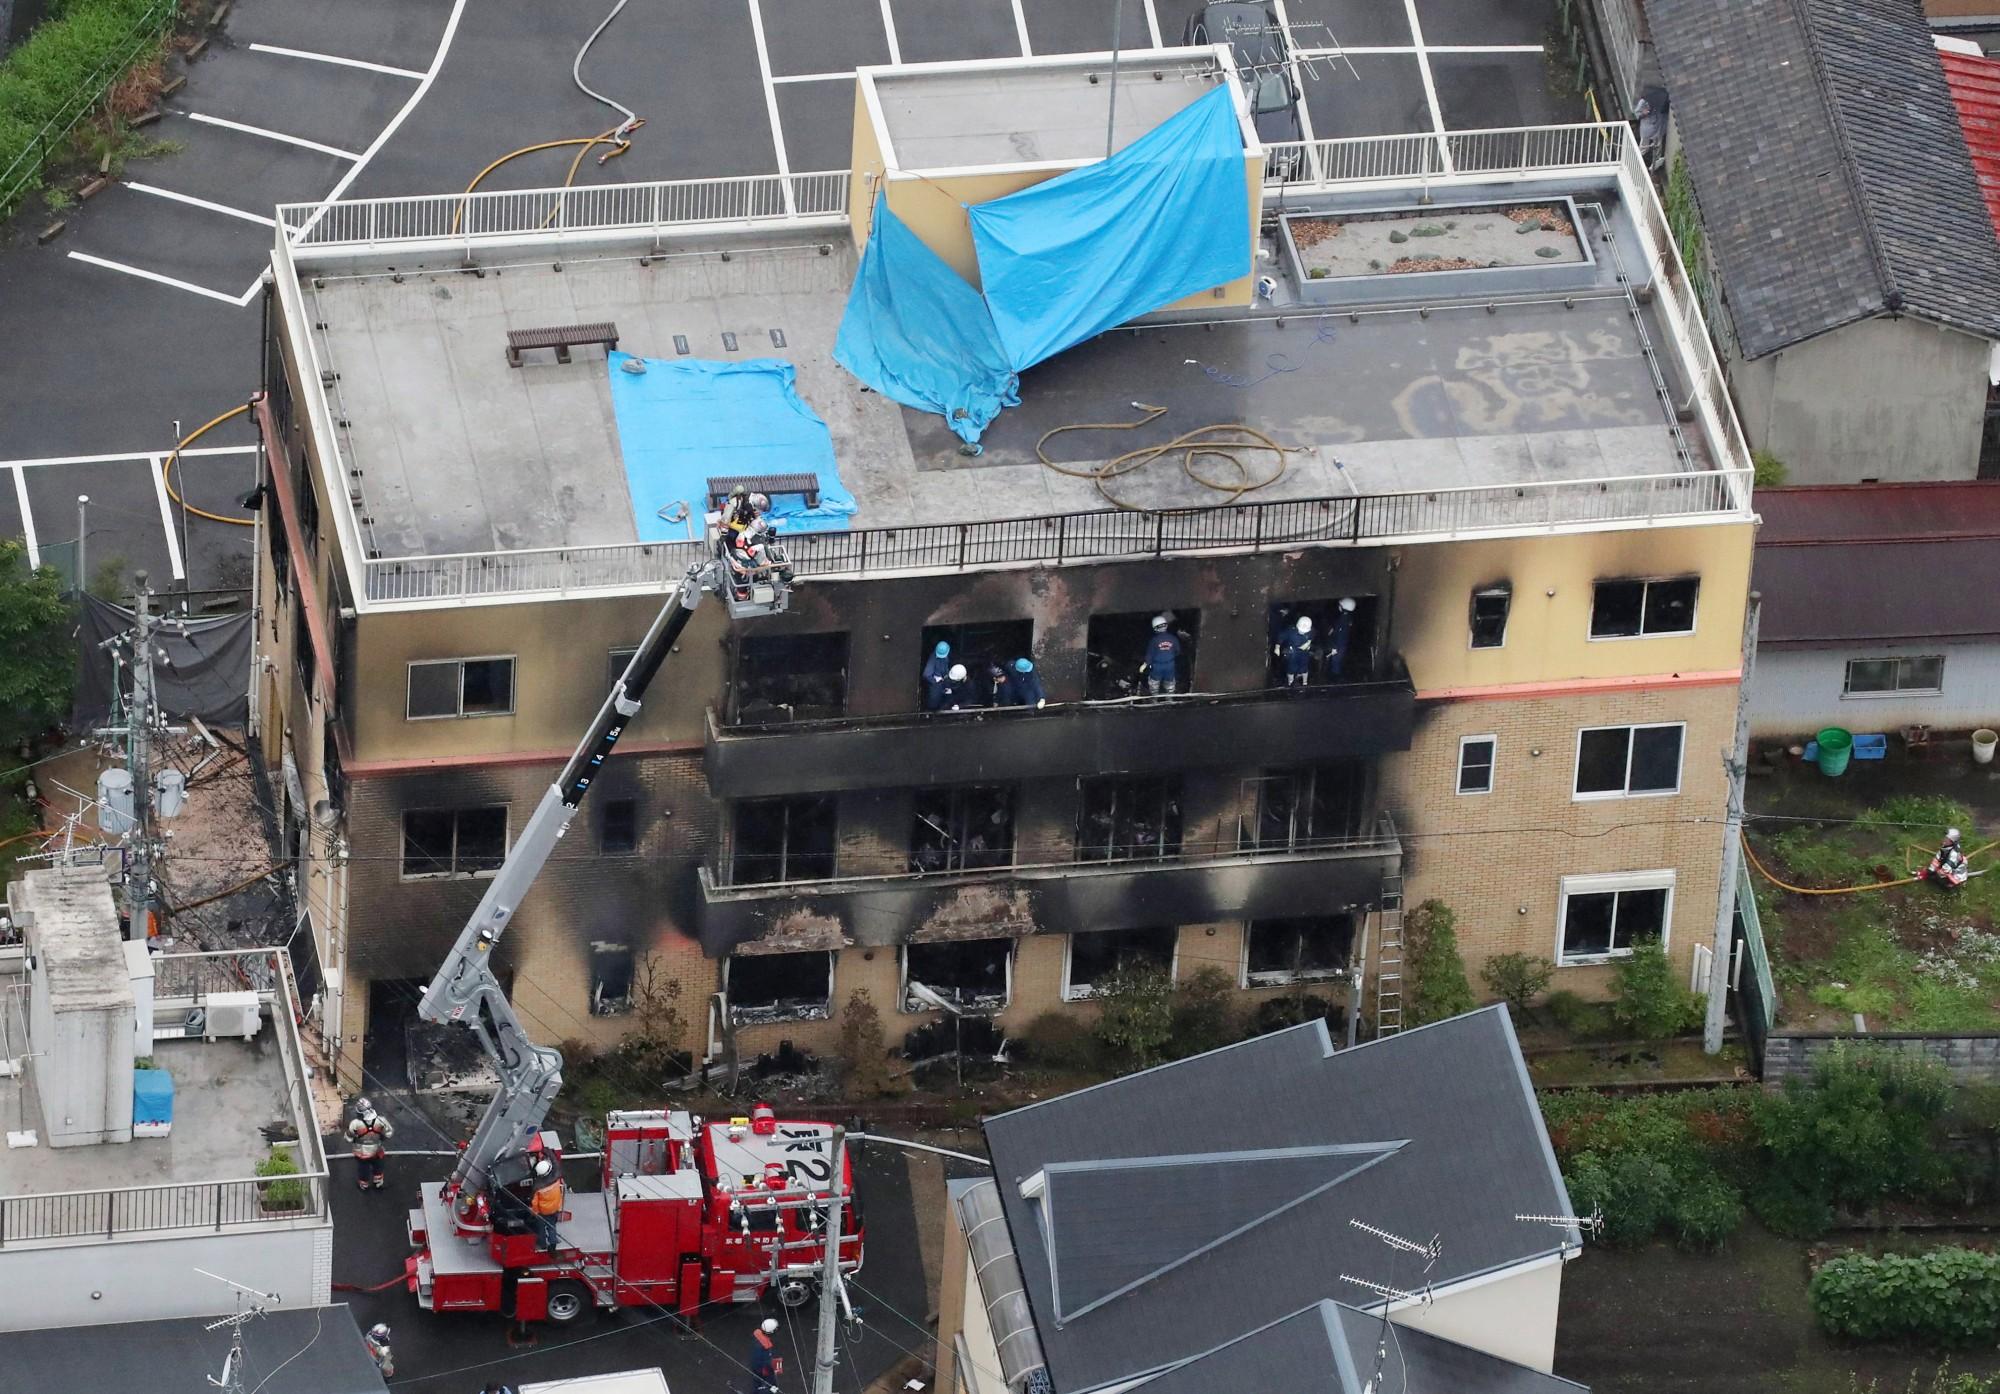 日本知名動畫製作公司「京都動畫」位於京都市伏見區的工作室,昨日發生震驚全球的縱火事件,至今已釀33死、36傷。(歐新社)